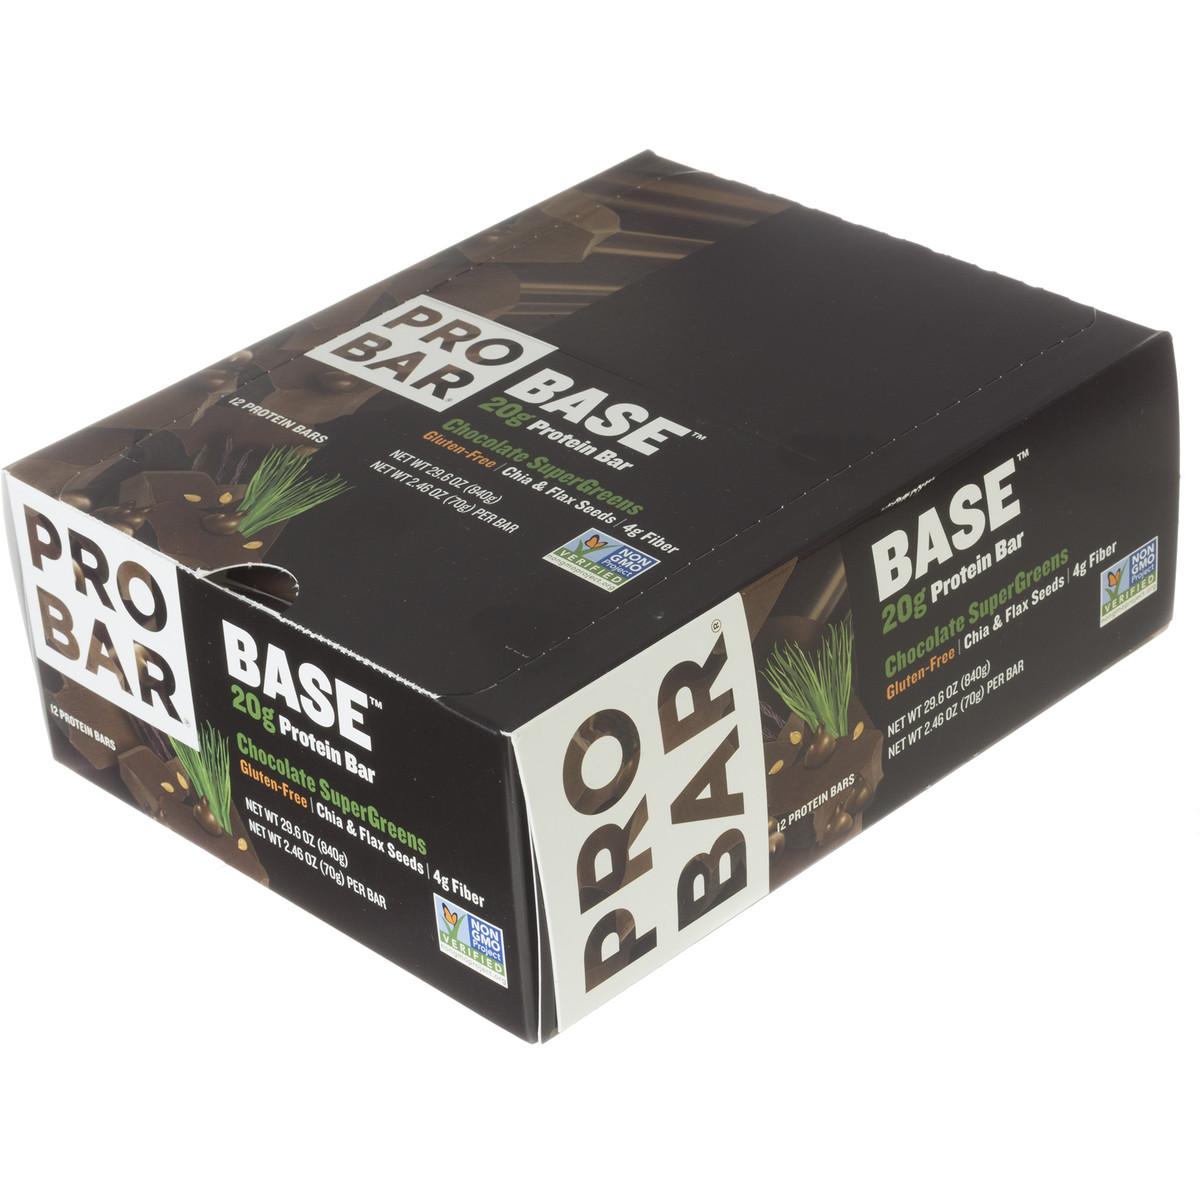 ProBar Base Bar